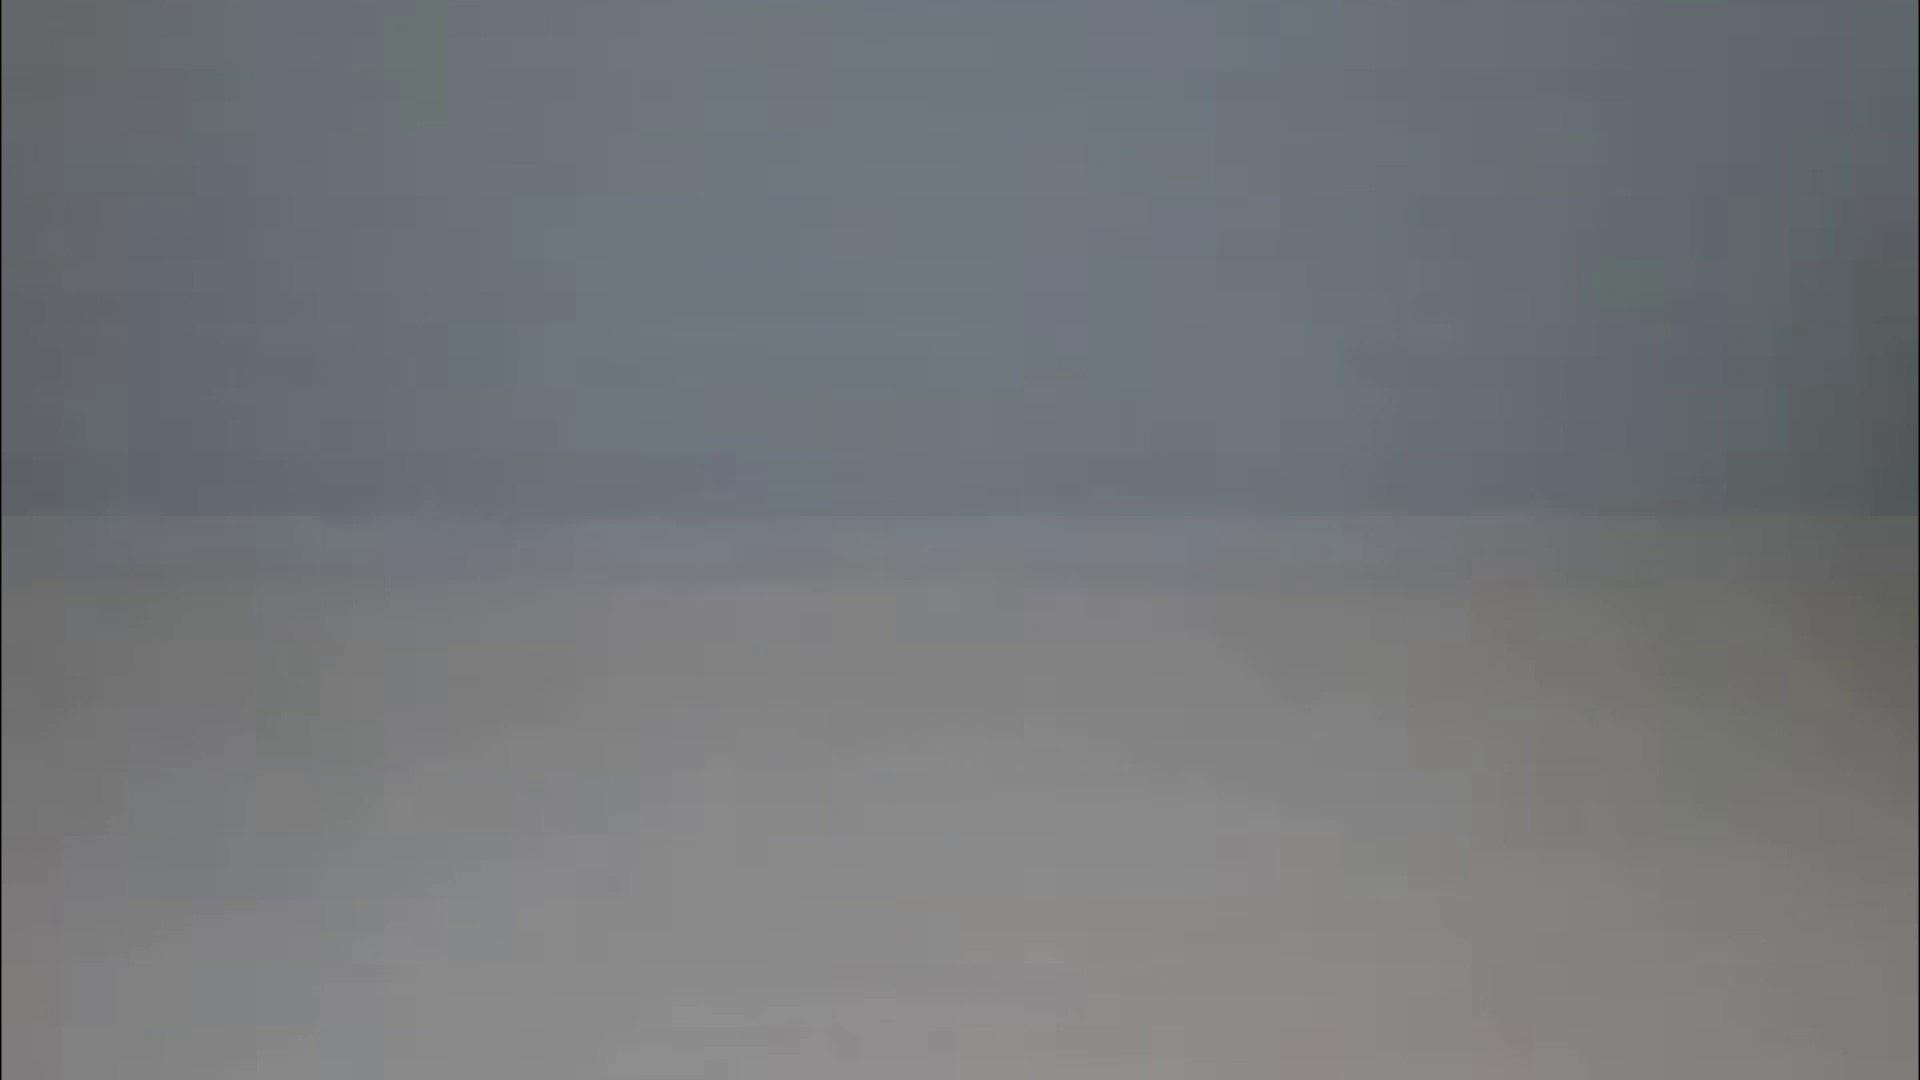 ~厳選!素人イケメン~俺のオナニズムⅢVol.06 覗きシーン ゲイAV画像 105枚 78